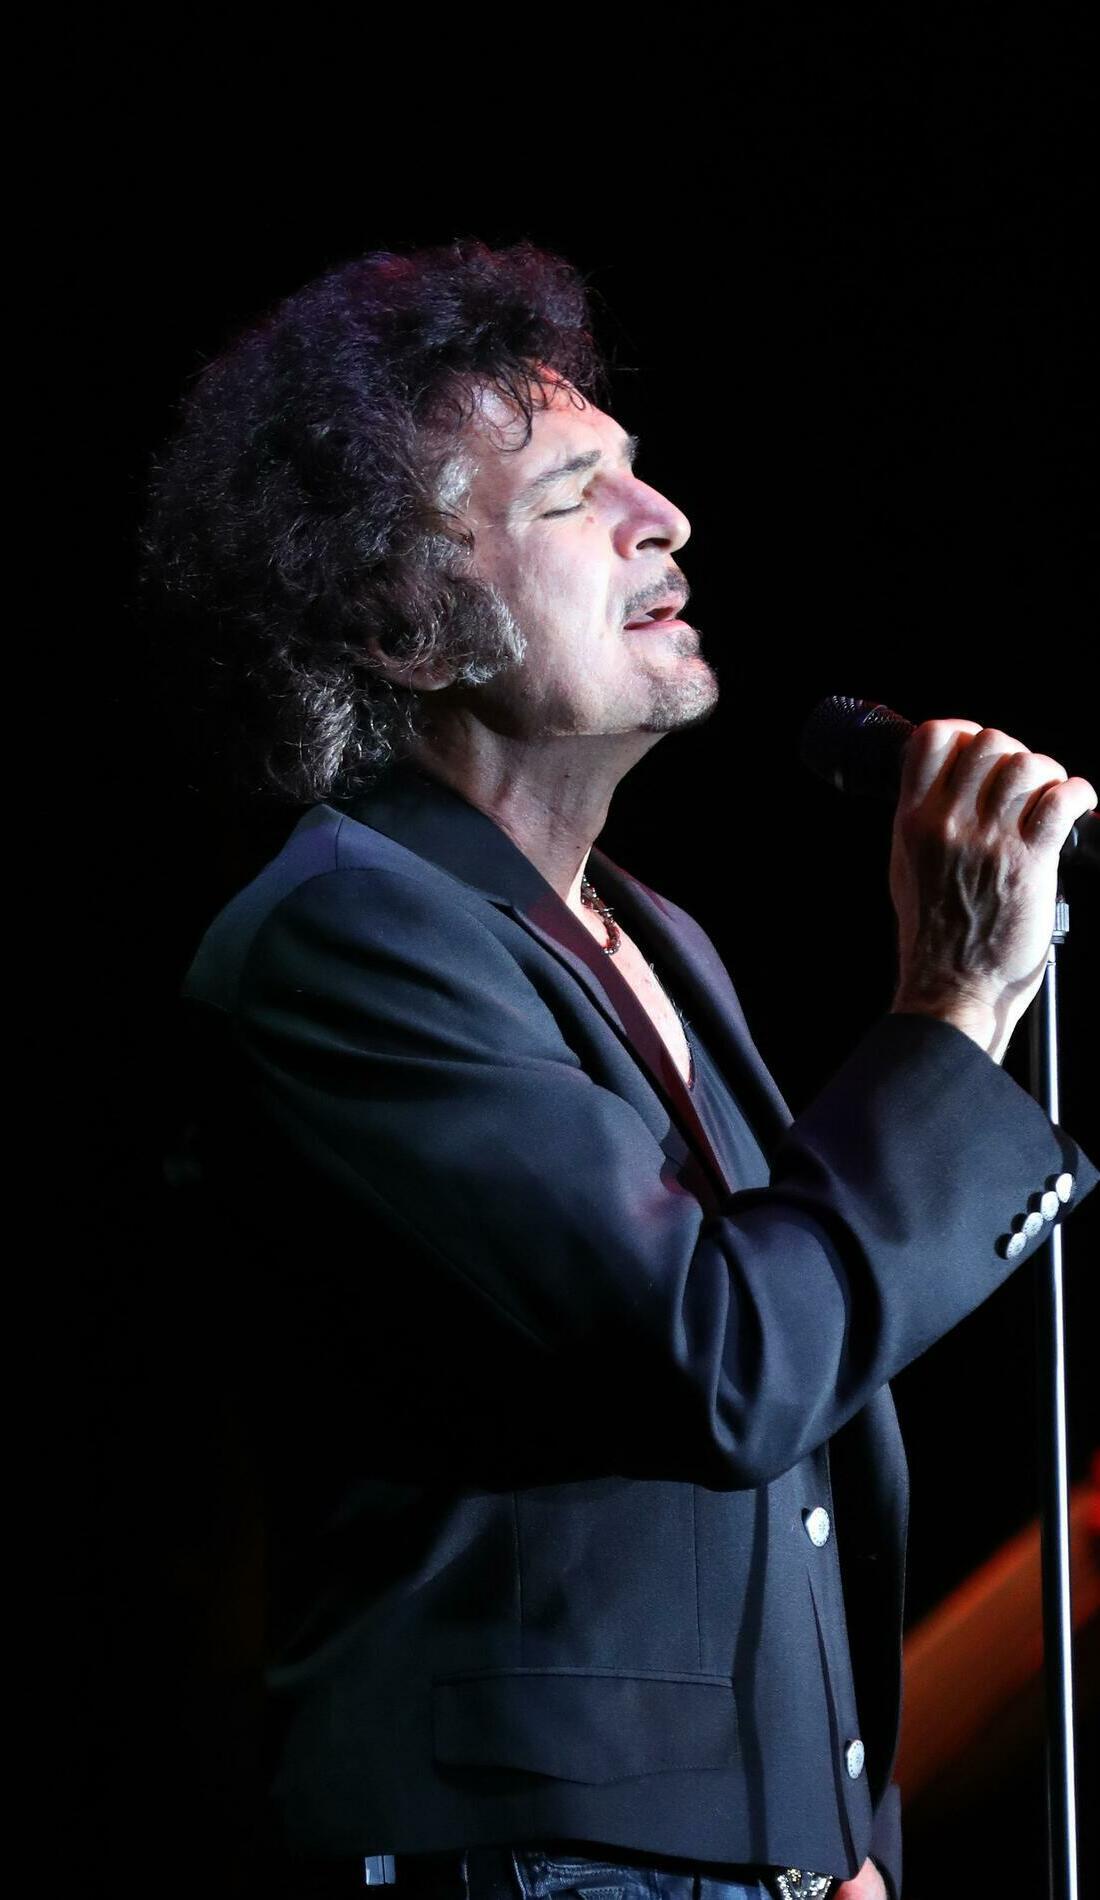 A Gino Vannelli live event